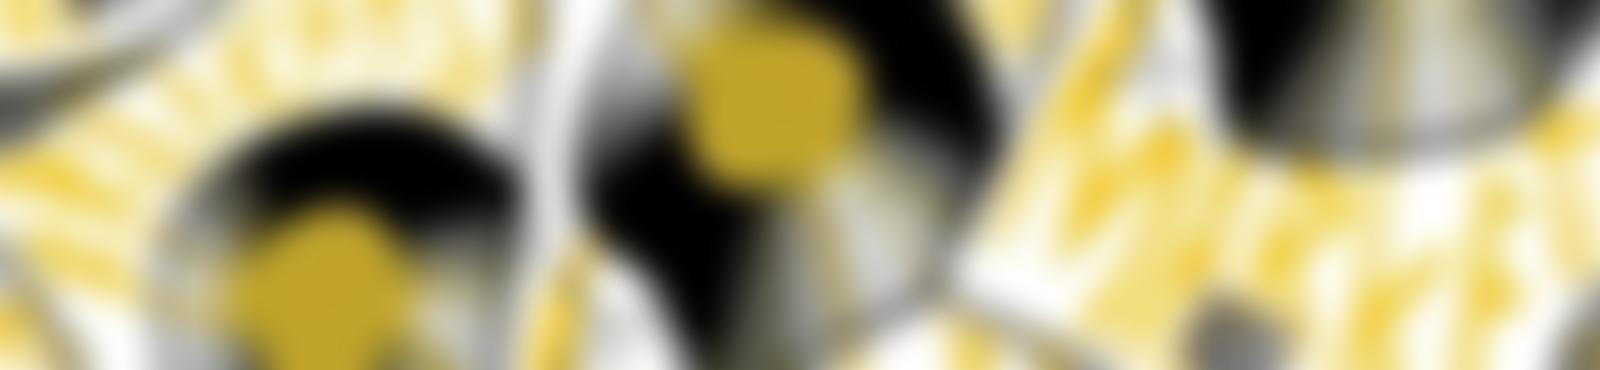 Blurred 1470127 934453356672349 7882348756141303930 n